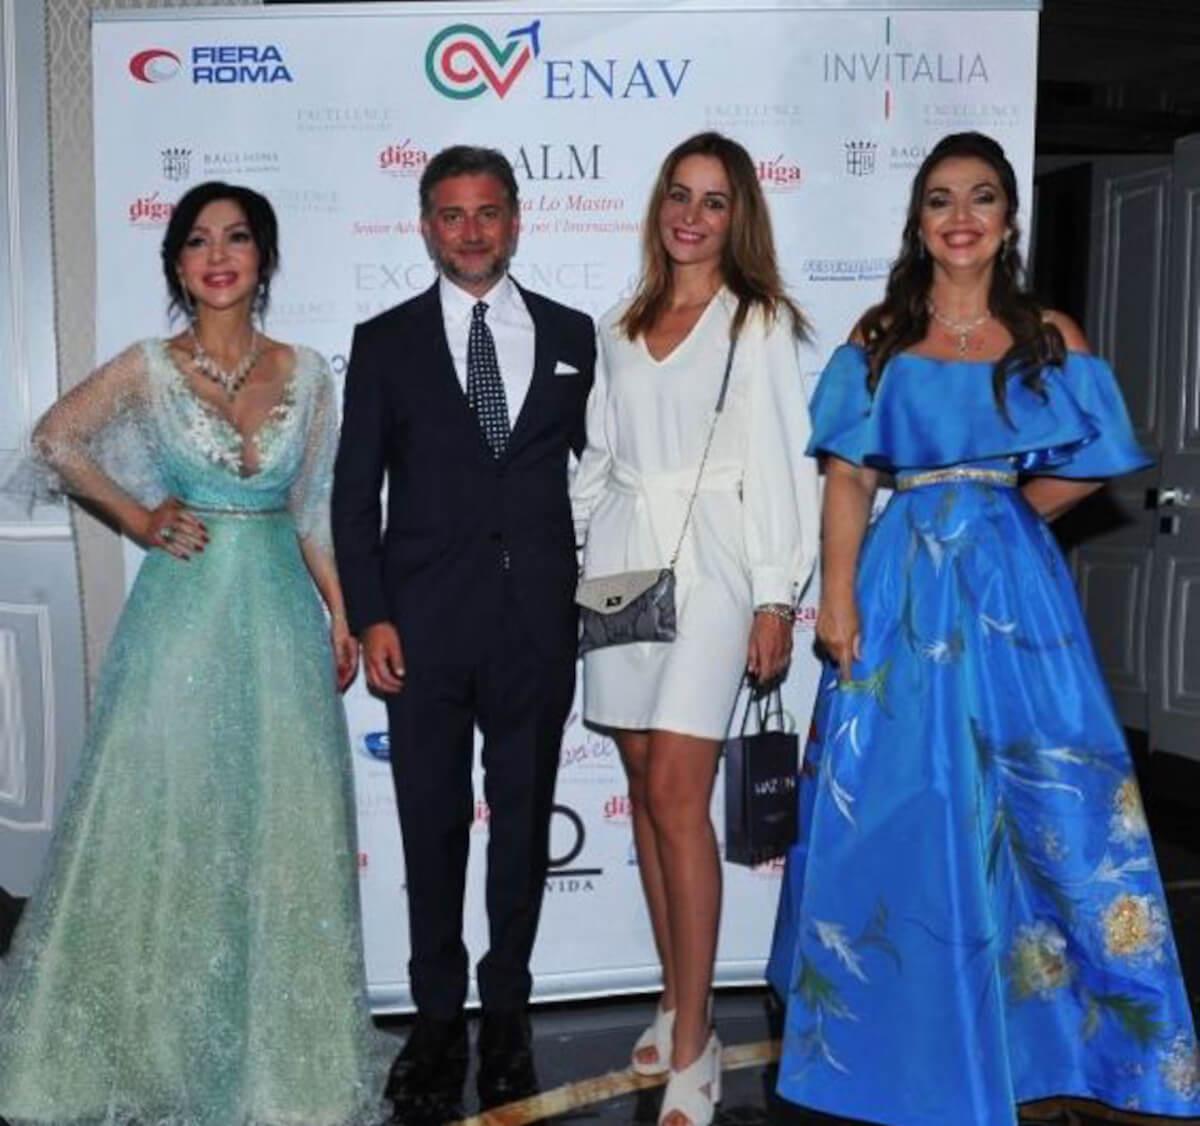 Excellence International Summer Gala